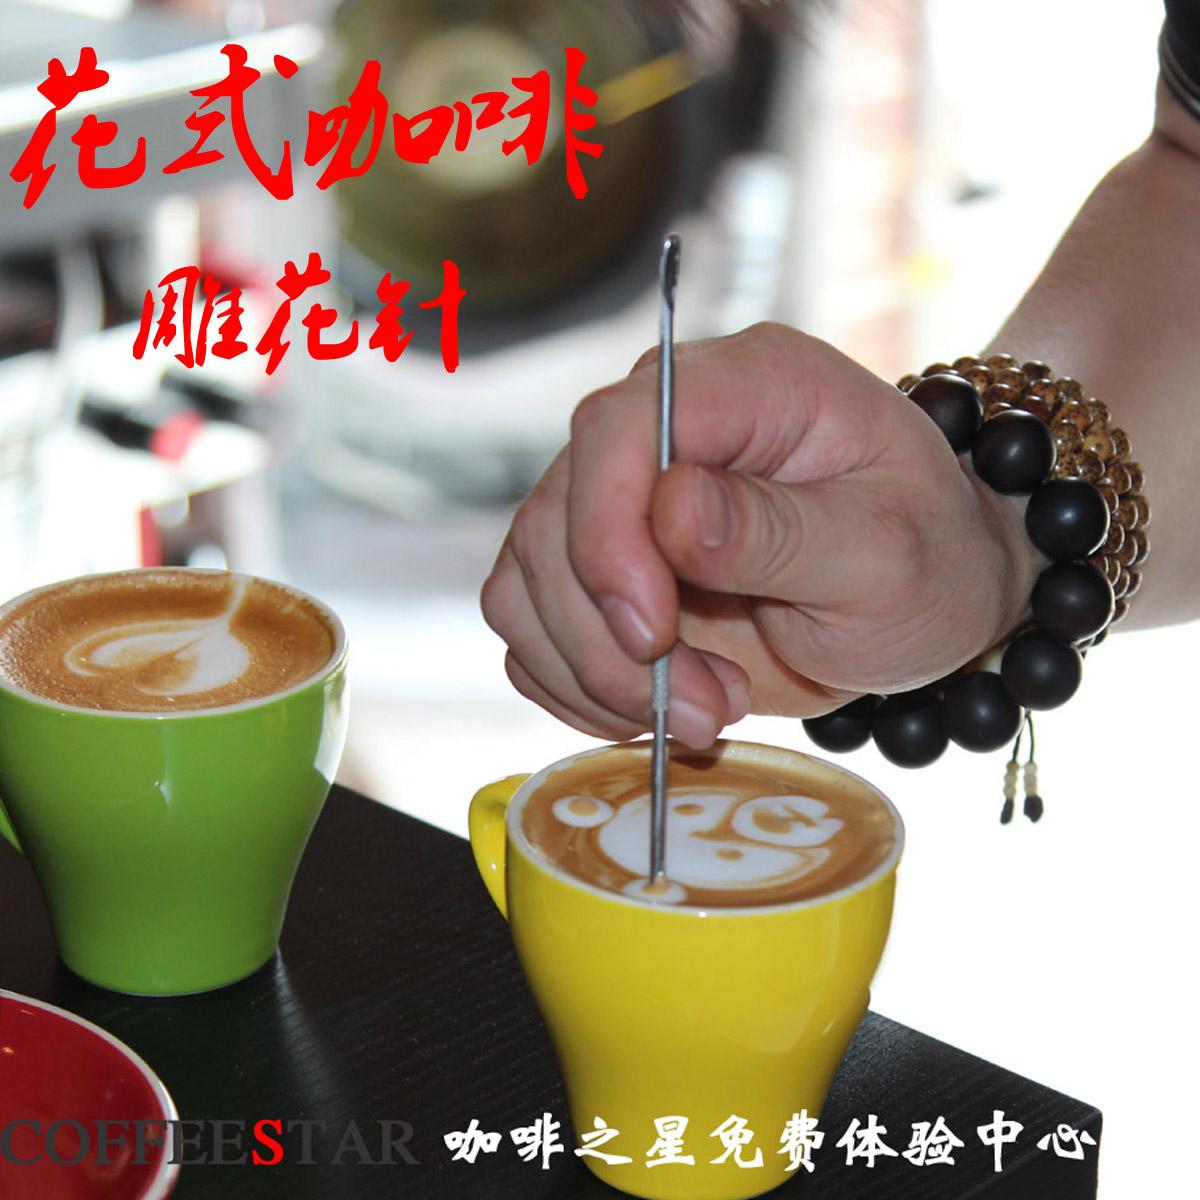 Миксер для взбивания молока *Корейский стиль*вытяните цветок контактный кофе гирлянда иглы из нержавеющей стали резные резной жезл из одного игла кофе звезда